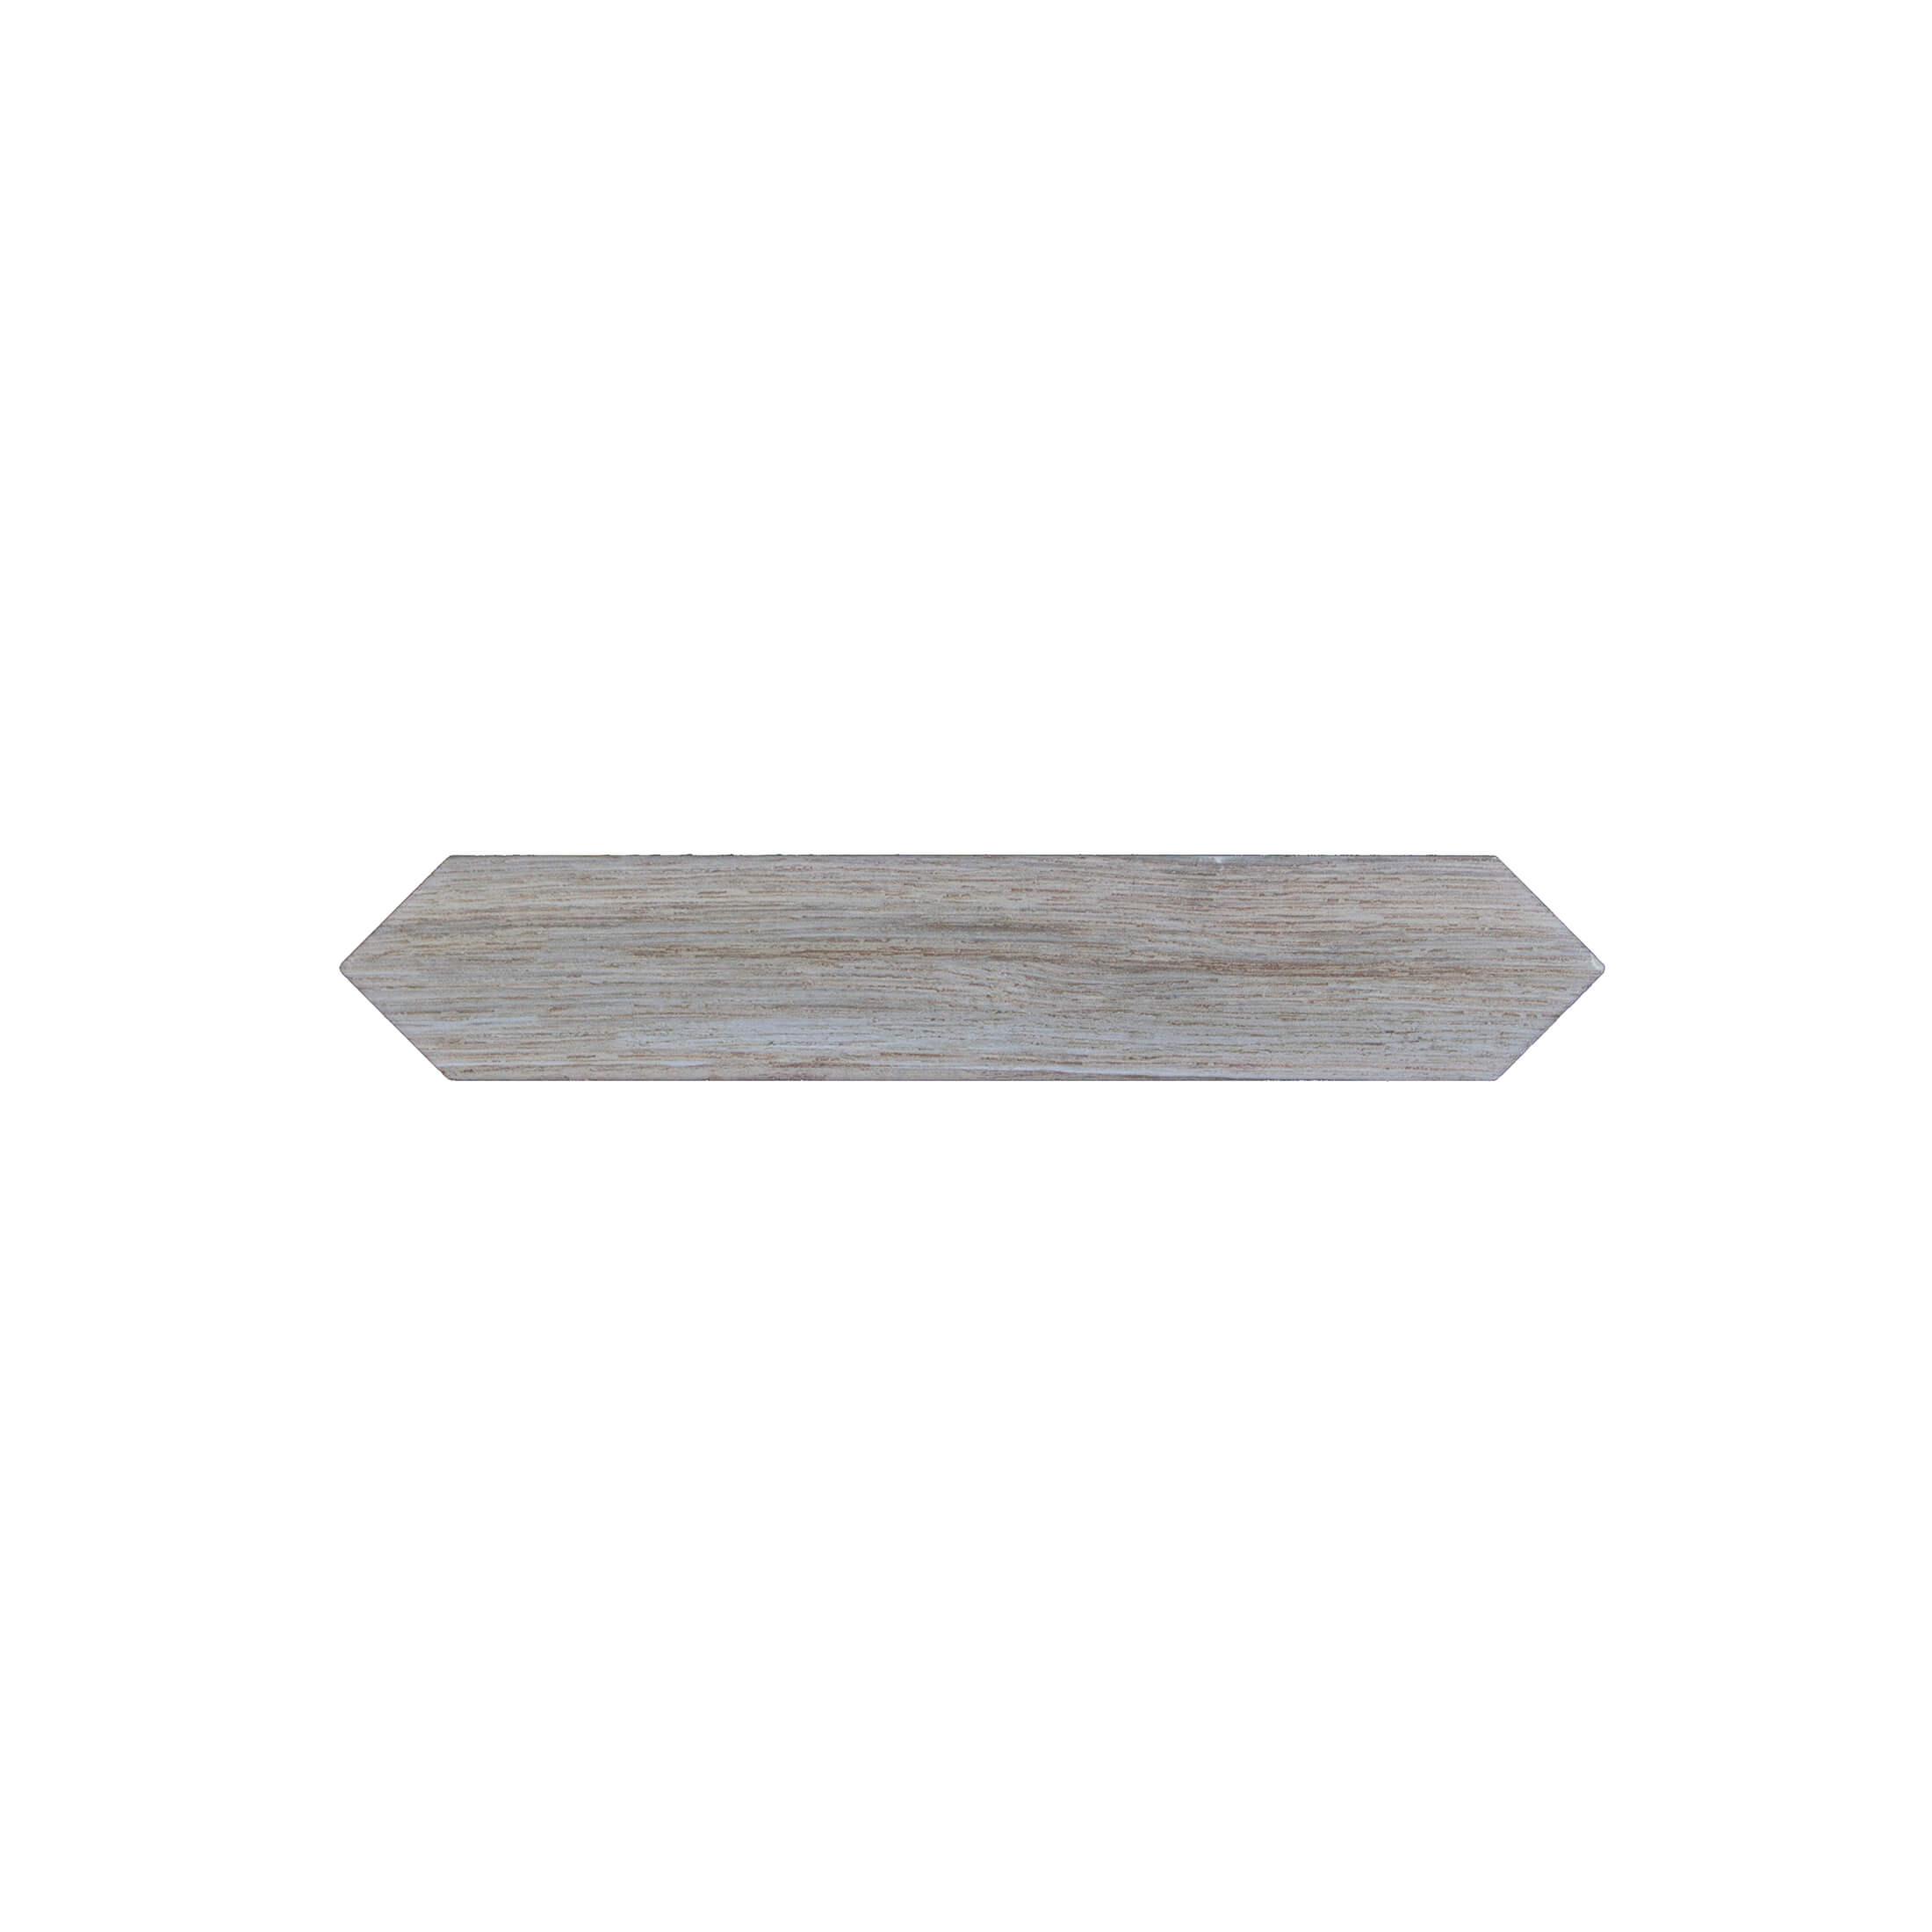 ADPV9034 - PAVIMENTO CRAYON WOOD - 4 cm X 22.5 cm